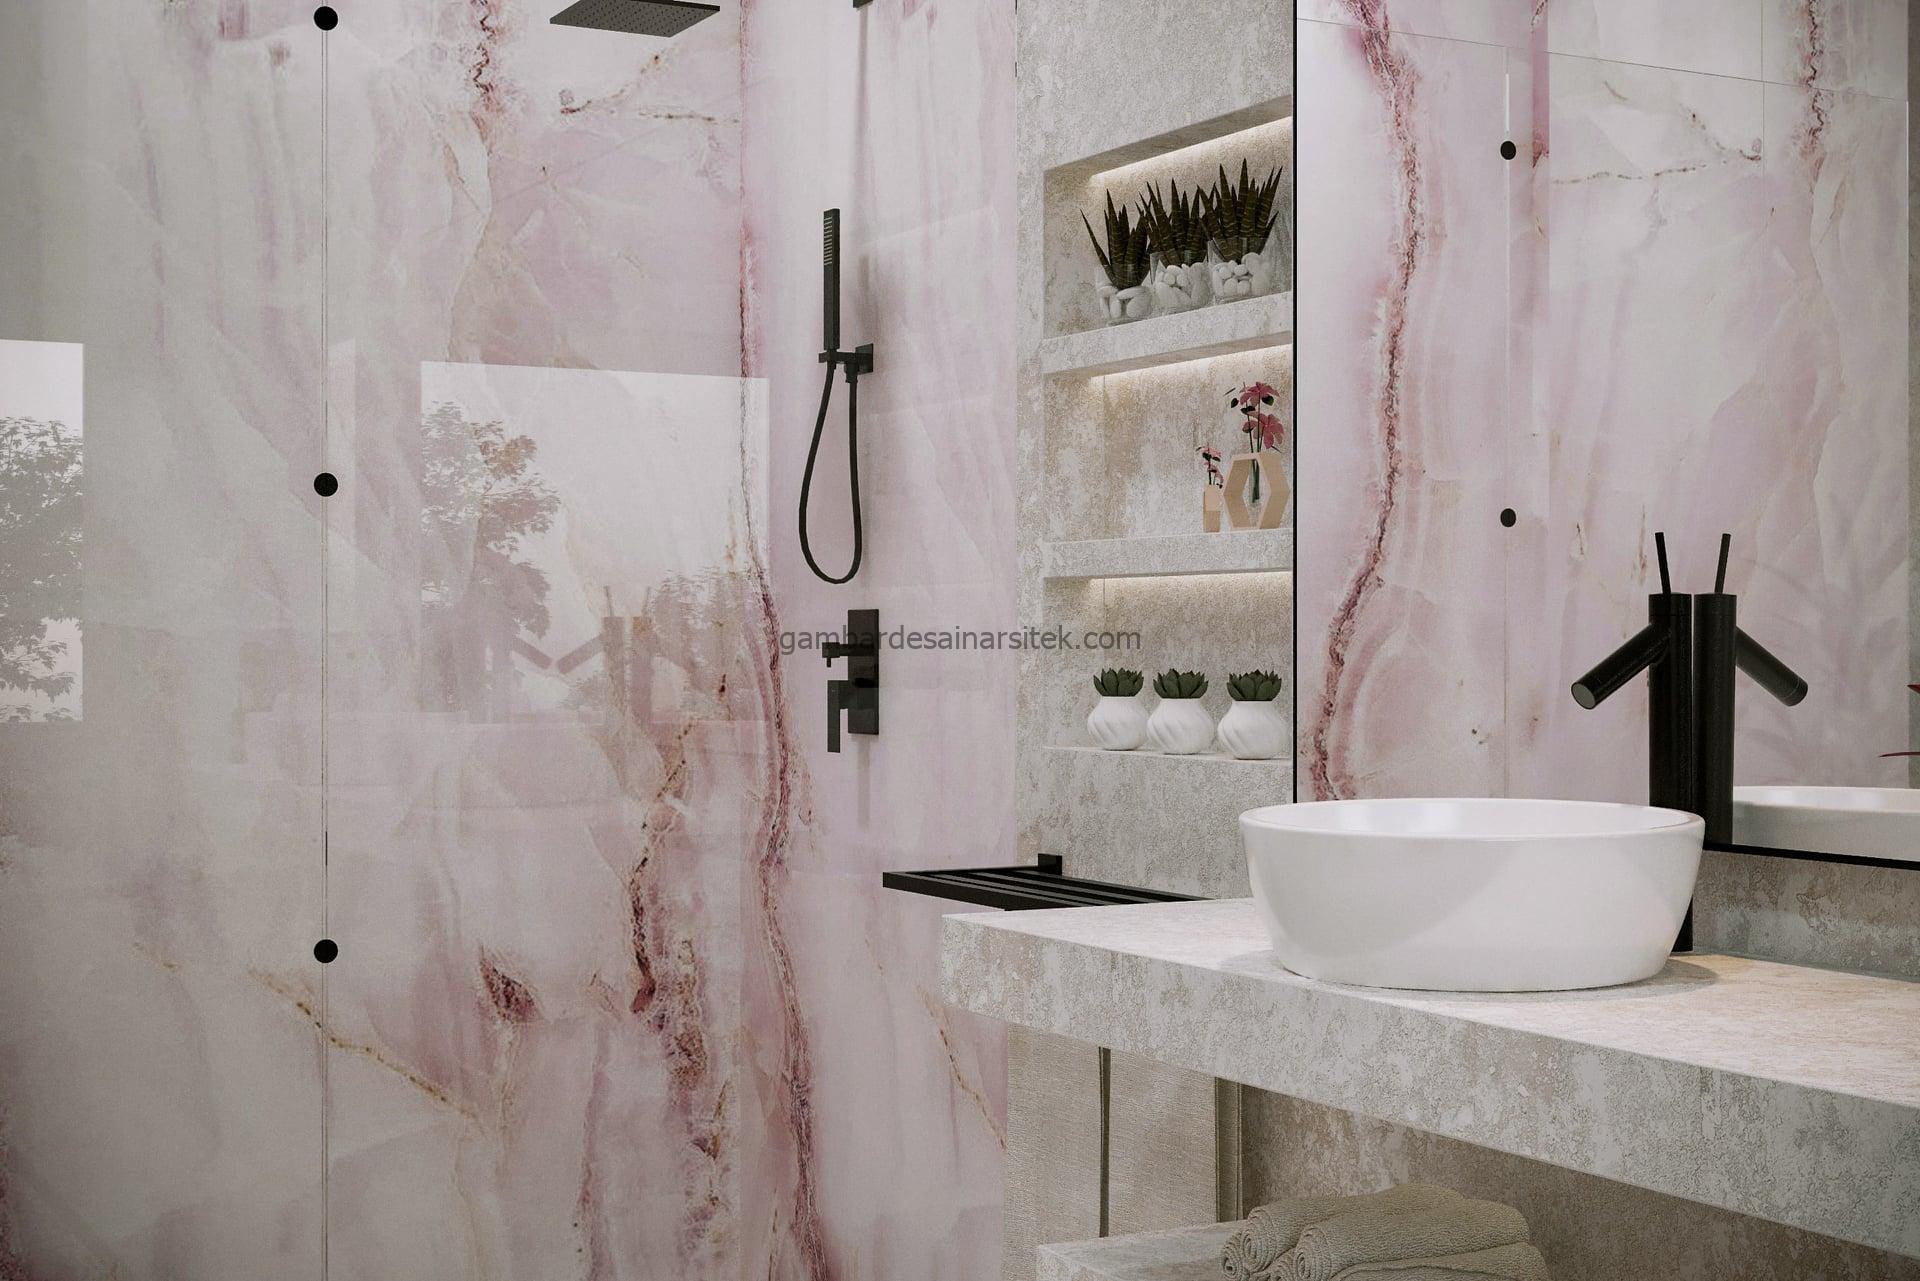 Contoh Desain Interior Rose Marble Bathroom 3D 1